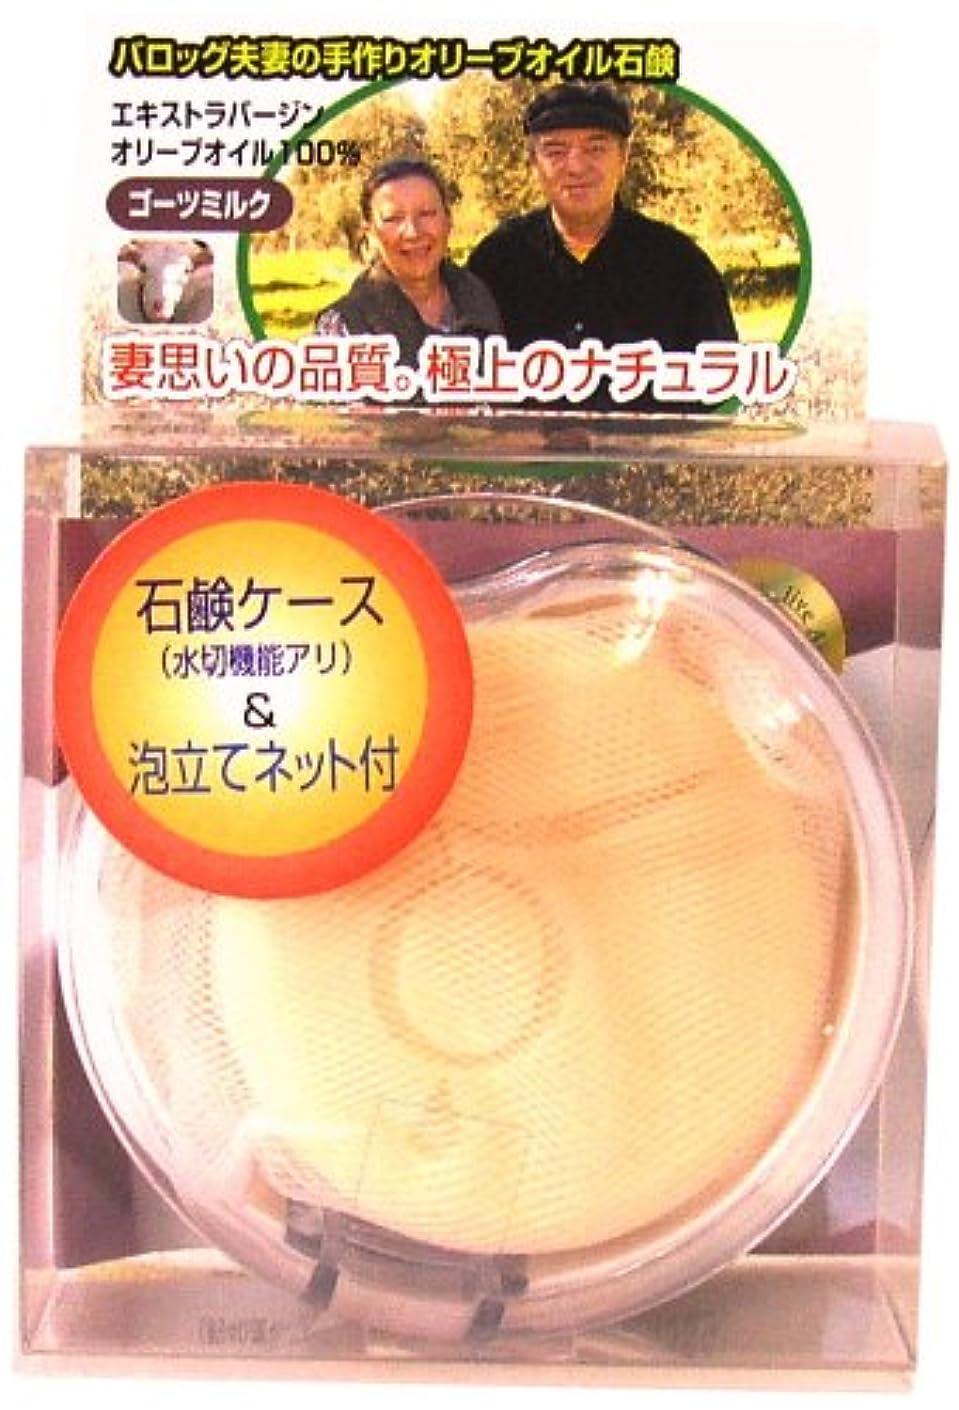 手首硬さくぼみバロッグ夫婦の手作りオリーブオイル石鹸 ミニ石鹸ケース付(ゴーツミルク) 20g